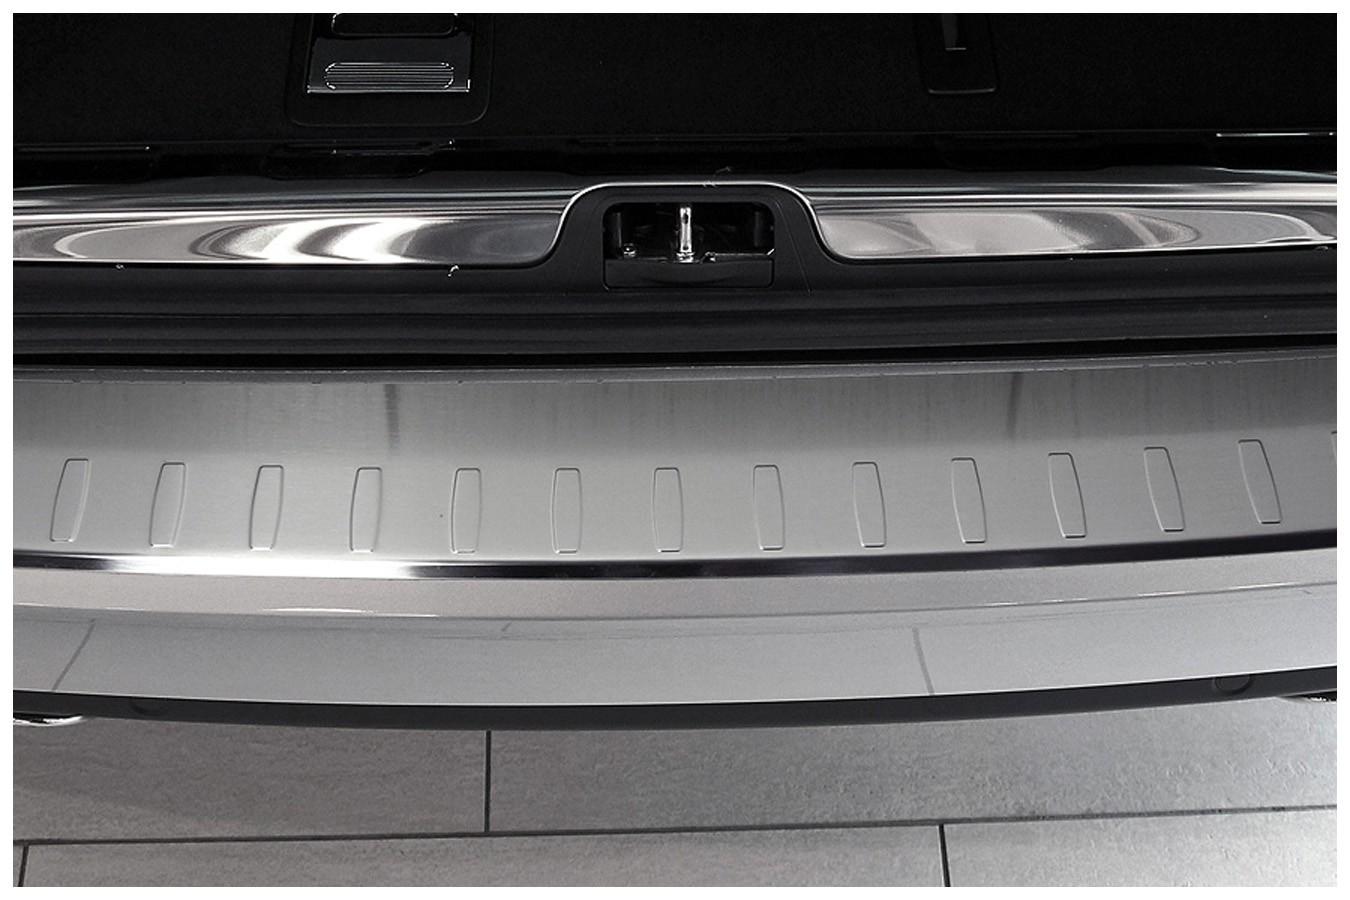 Protection Des Bords De Chargement En Acier Pour Citroen C5 Tourer Ii Acier Inox Protection Pare